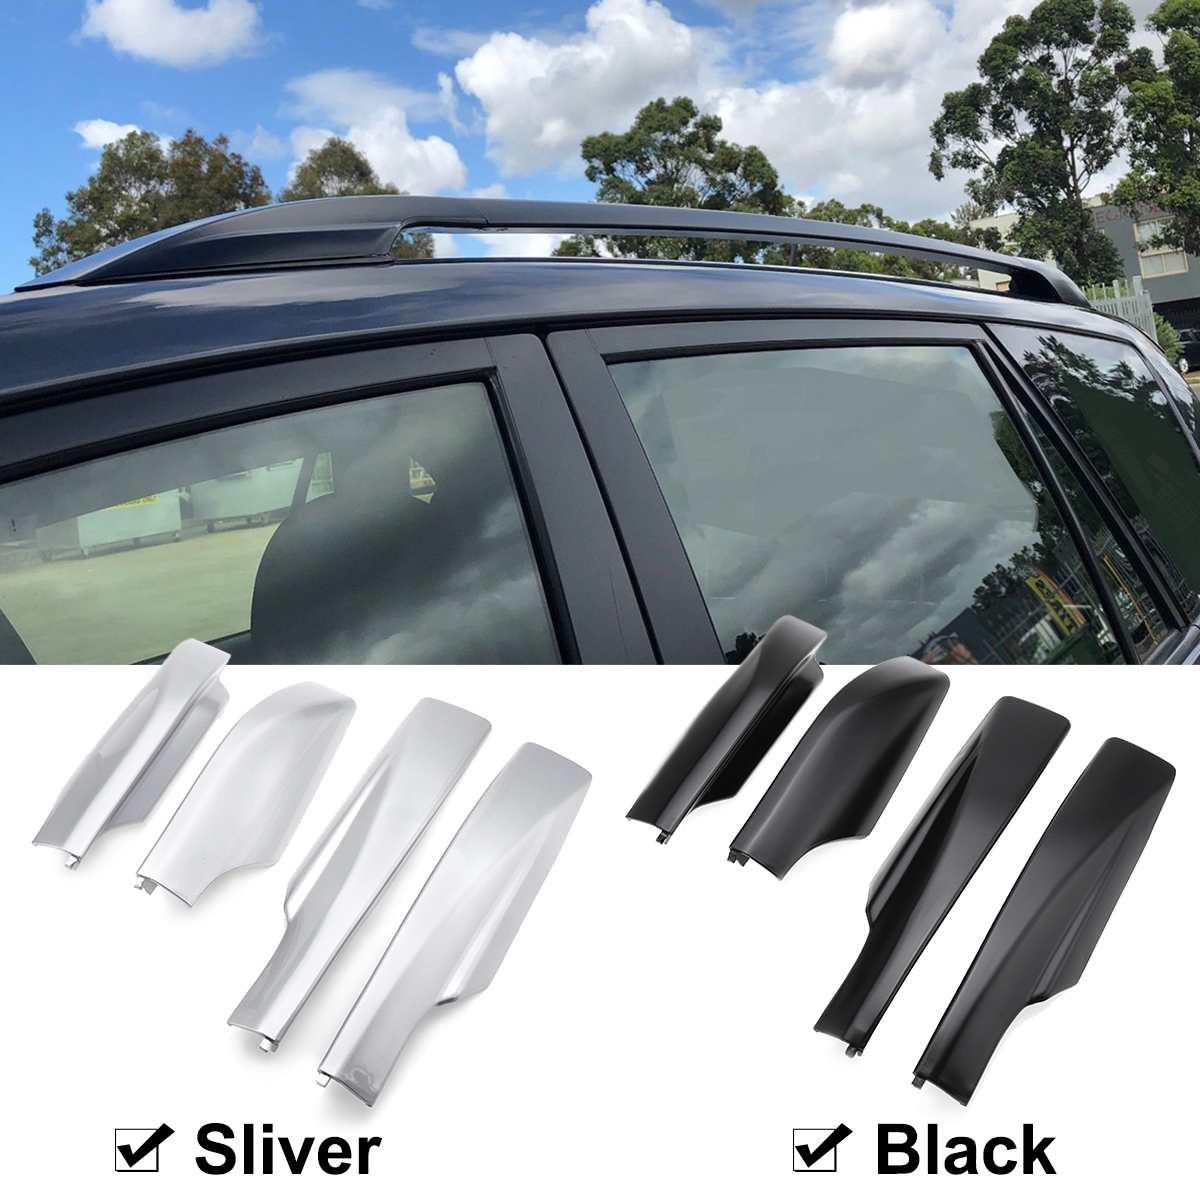 4 قطعة أسود الفضة ABS حامل سقفي غطاء السكك الحديدية نهاية الغطاء الواقي شل لتويوتا RAV4 2007 2008 2009 2010 2011 2012